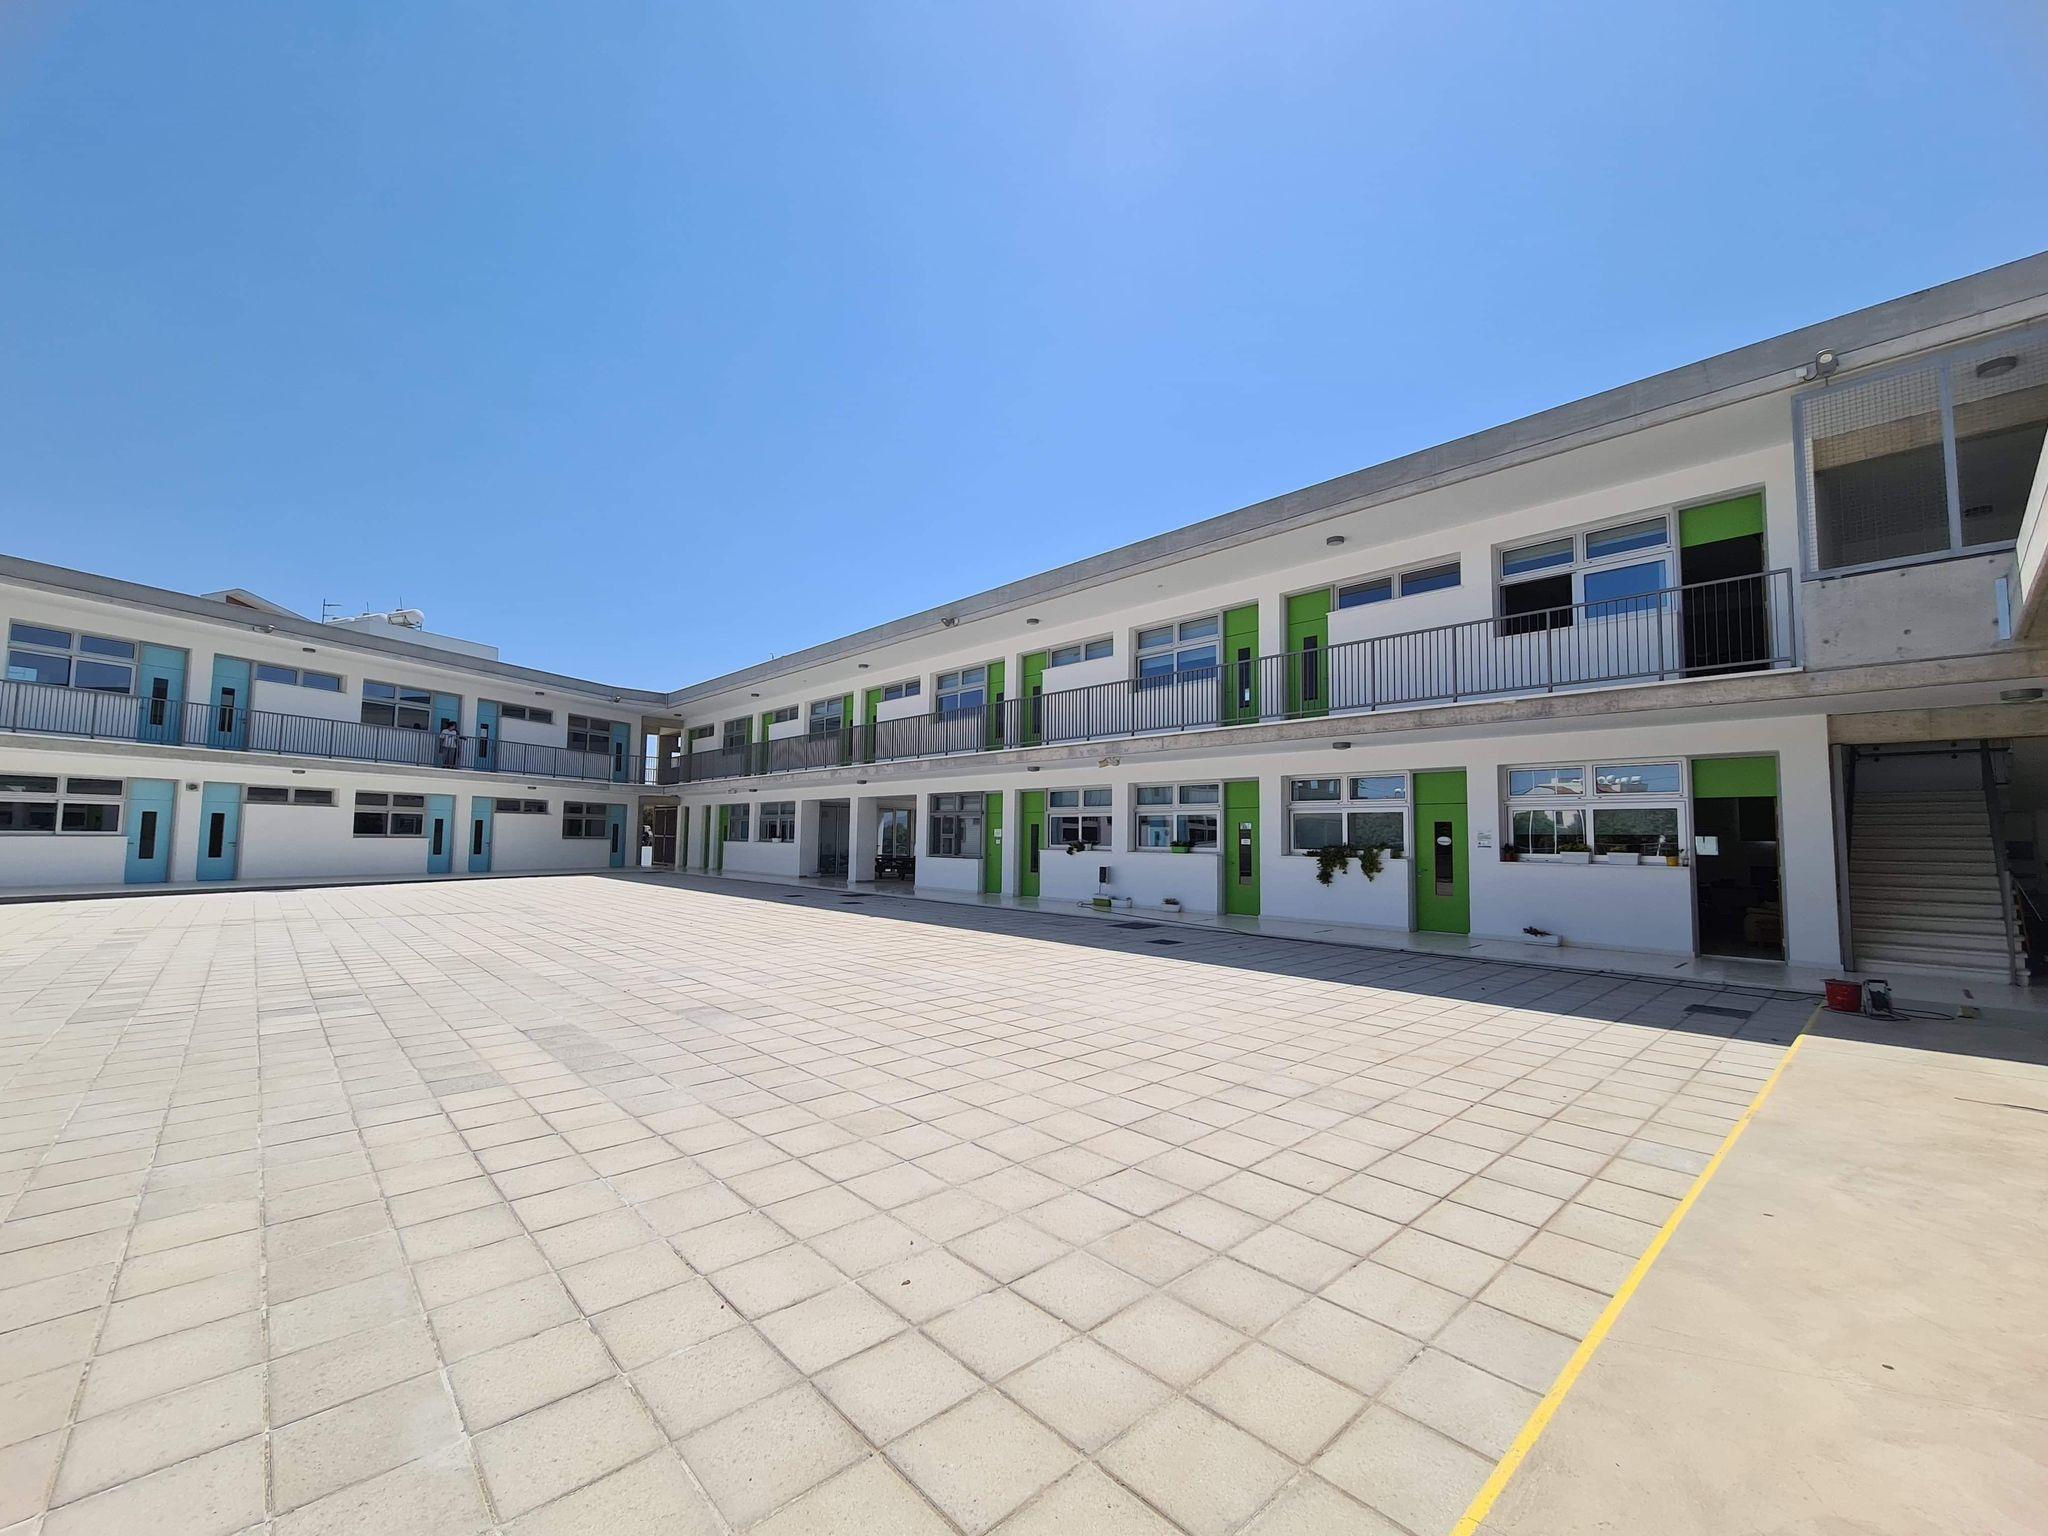 Ο Σύνδεσμος Γονέων των Δημοτικών Σχολείων Δροσιάς στη Λάρνακα για το συμβάν με τον άγνωστο άντρα σε σχολείο της επαρχίας Λάρνακας